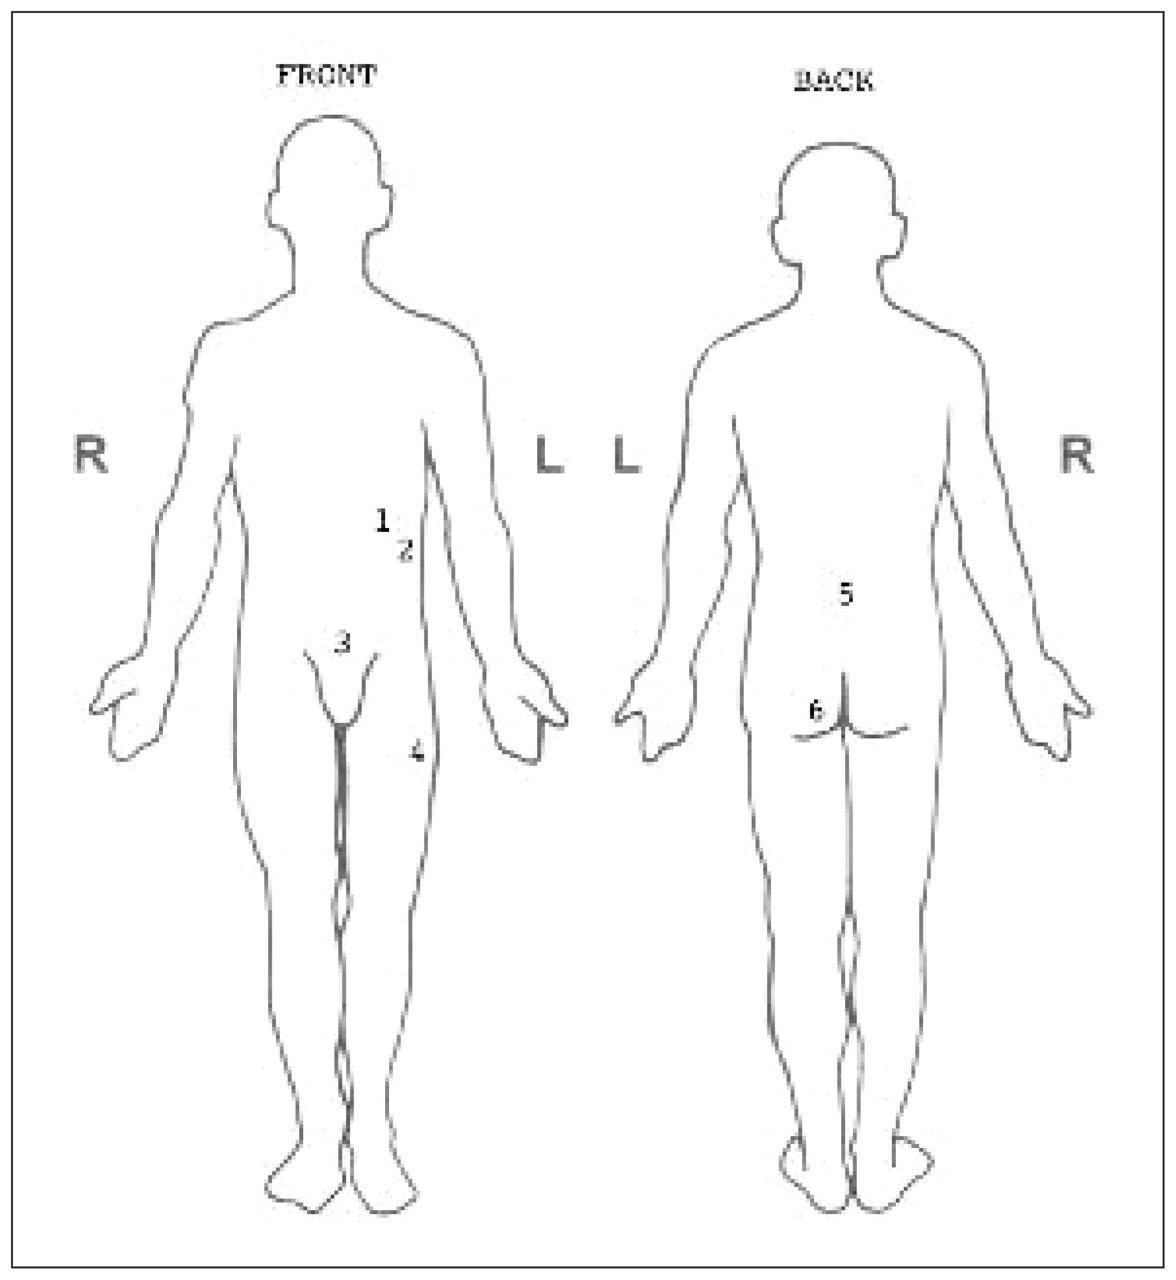 trauma body diagram wiring diagrams Trauma Assessment Body Diagram trauma body diagram wiring diagram trauma and addiction trauma body diagram